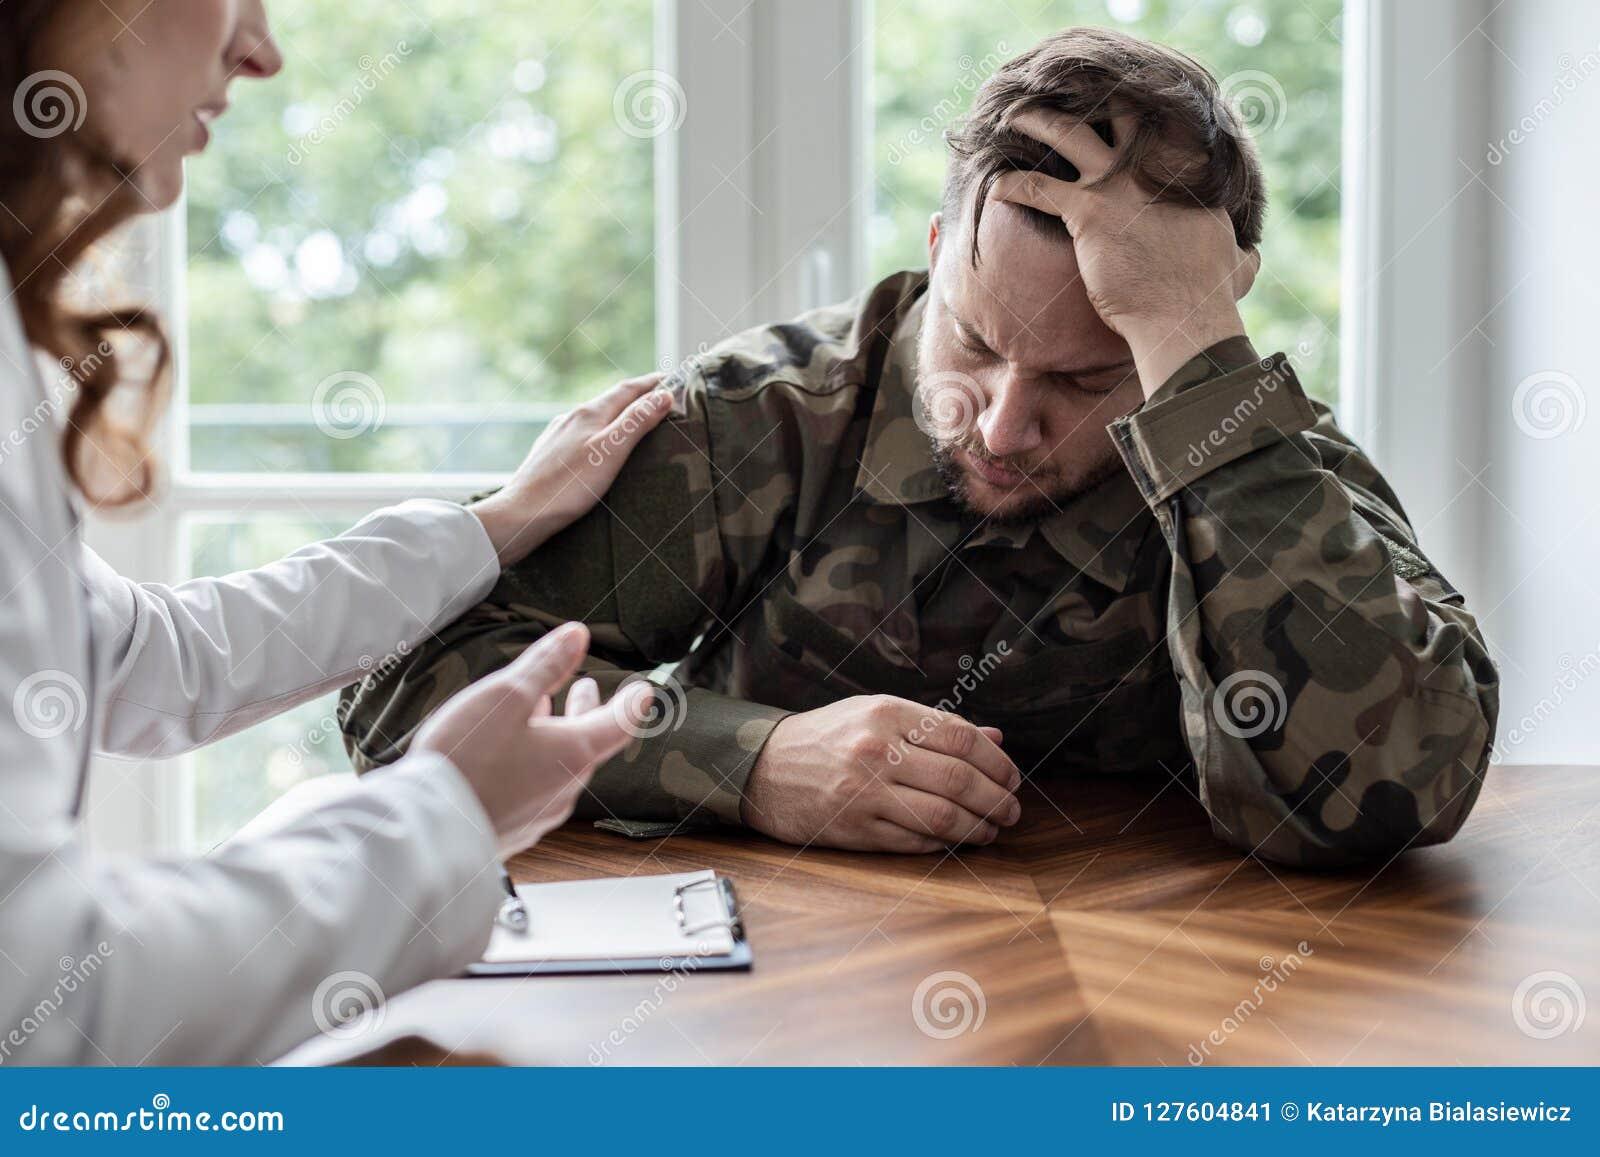 Κουρασμένος και λυπημένος στρατιώτης με το πολεμικό σύνδρομο κατά τη διάρκεια της θεραπείας με τον ψυχοθεραπευτή